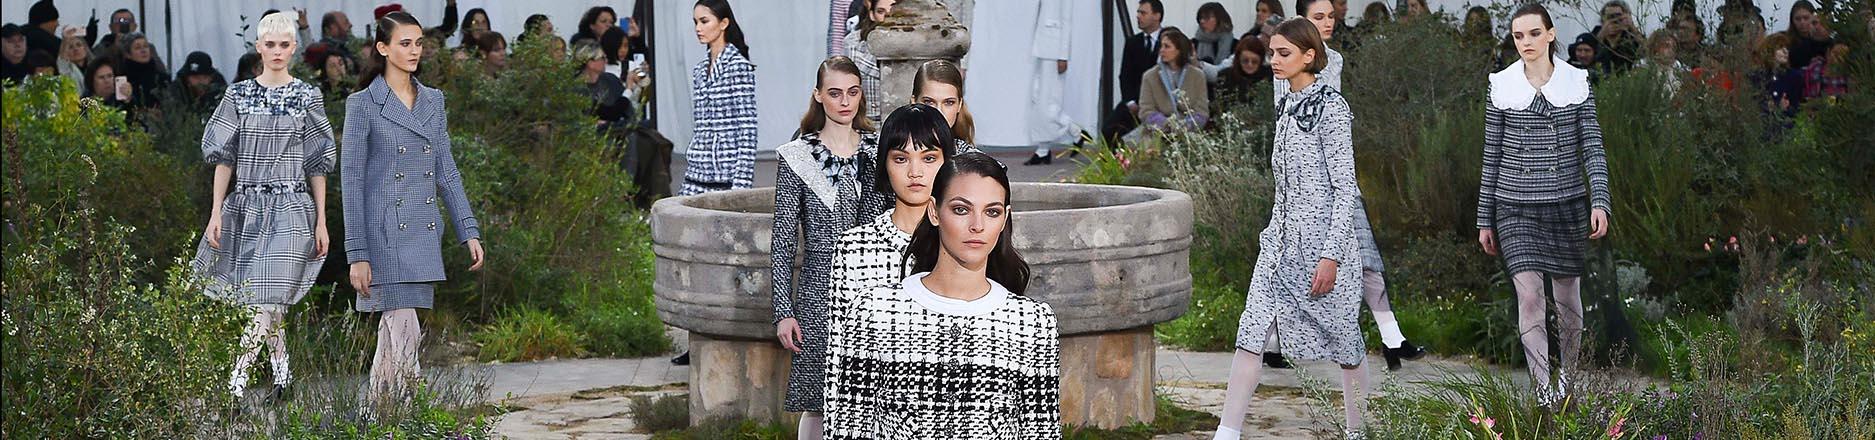 El video con los ítems de la colección Primavera-Verano Alta Costura 2020 de Chanel